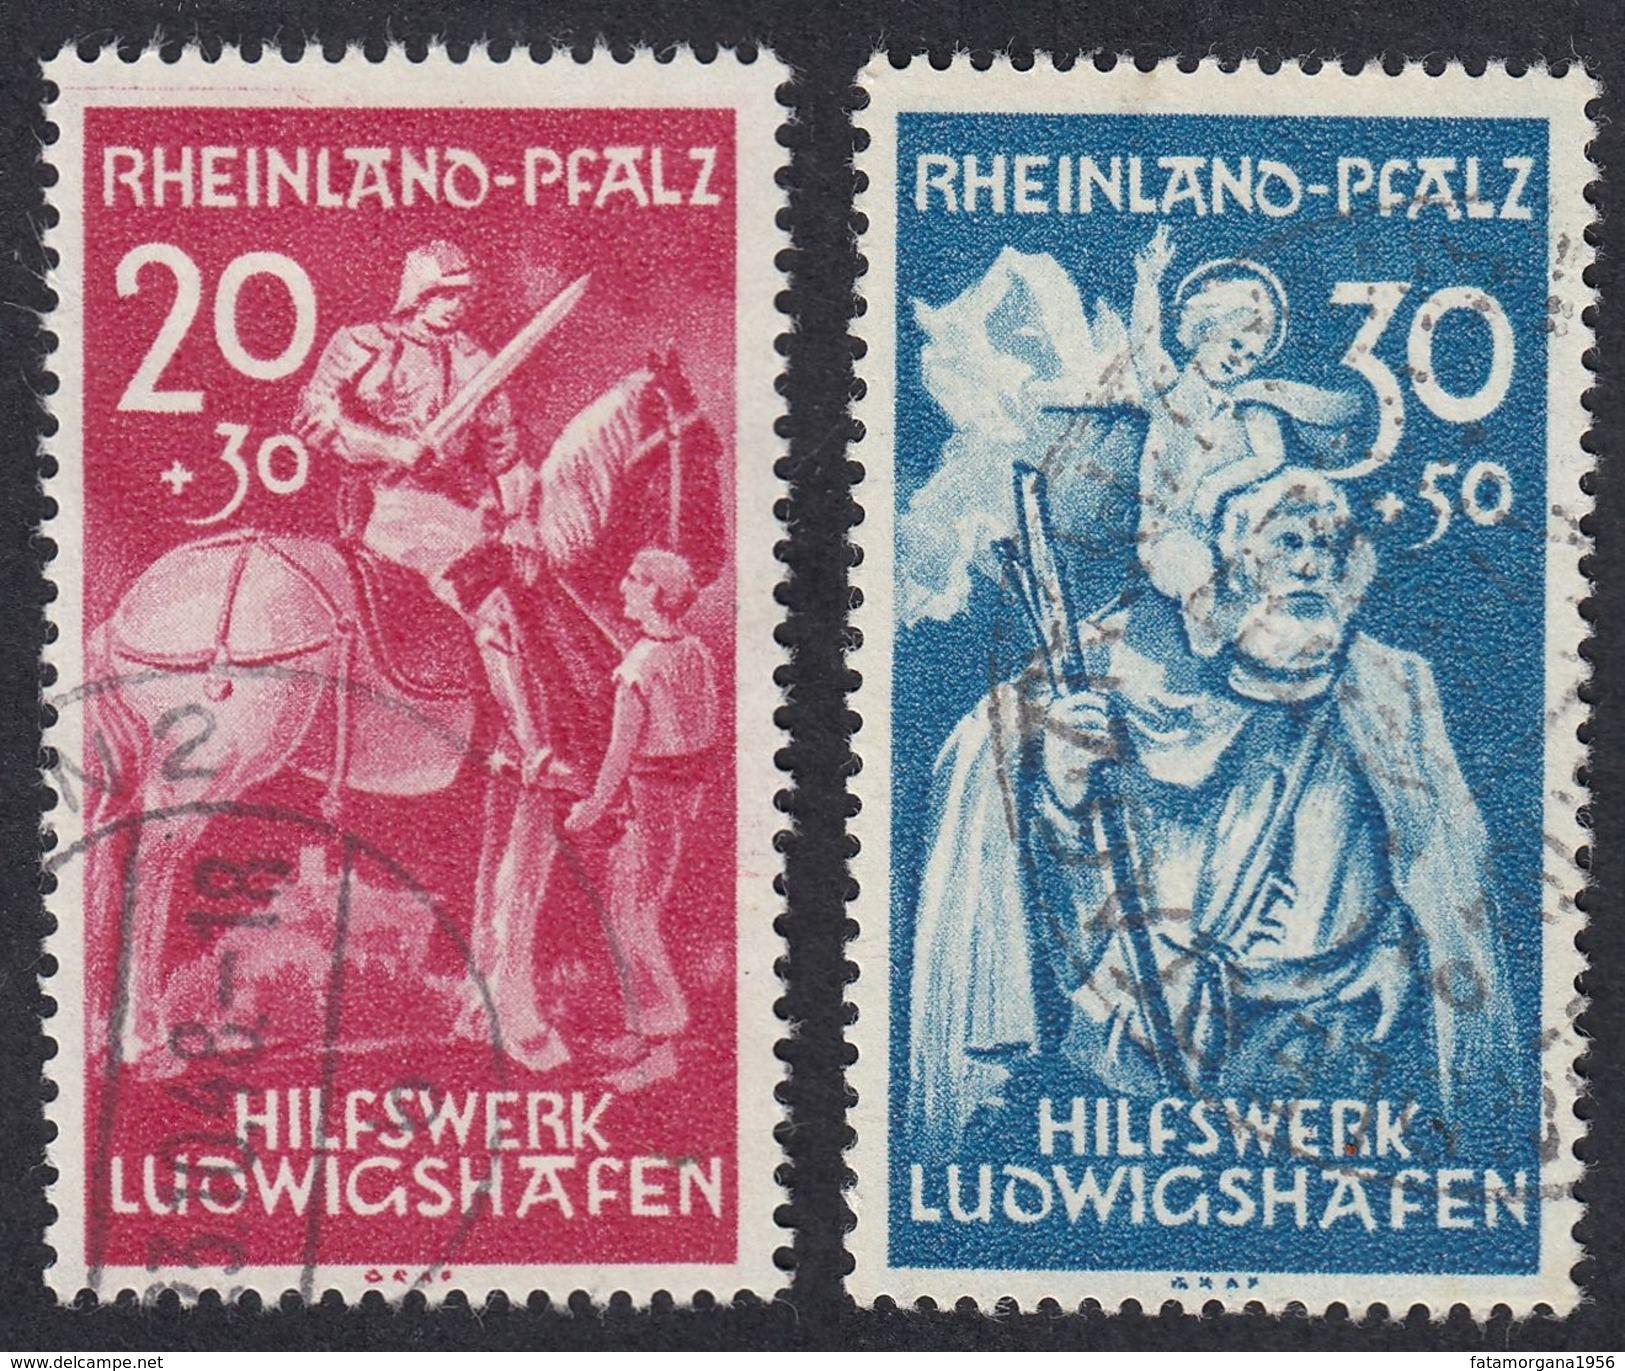 RHEINLAND/PFALZ - OCCUPAZIONE FRANCESE GERMANIA - 1948 - Serie Completa Usata Yvert 39/40. - Französische Zone